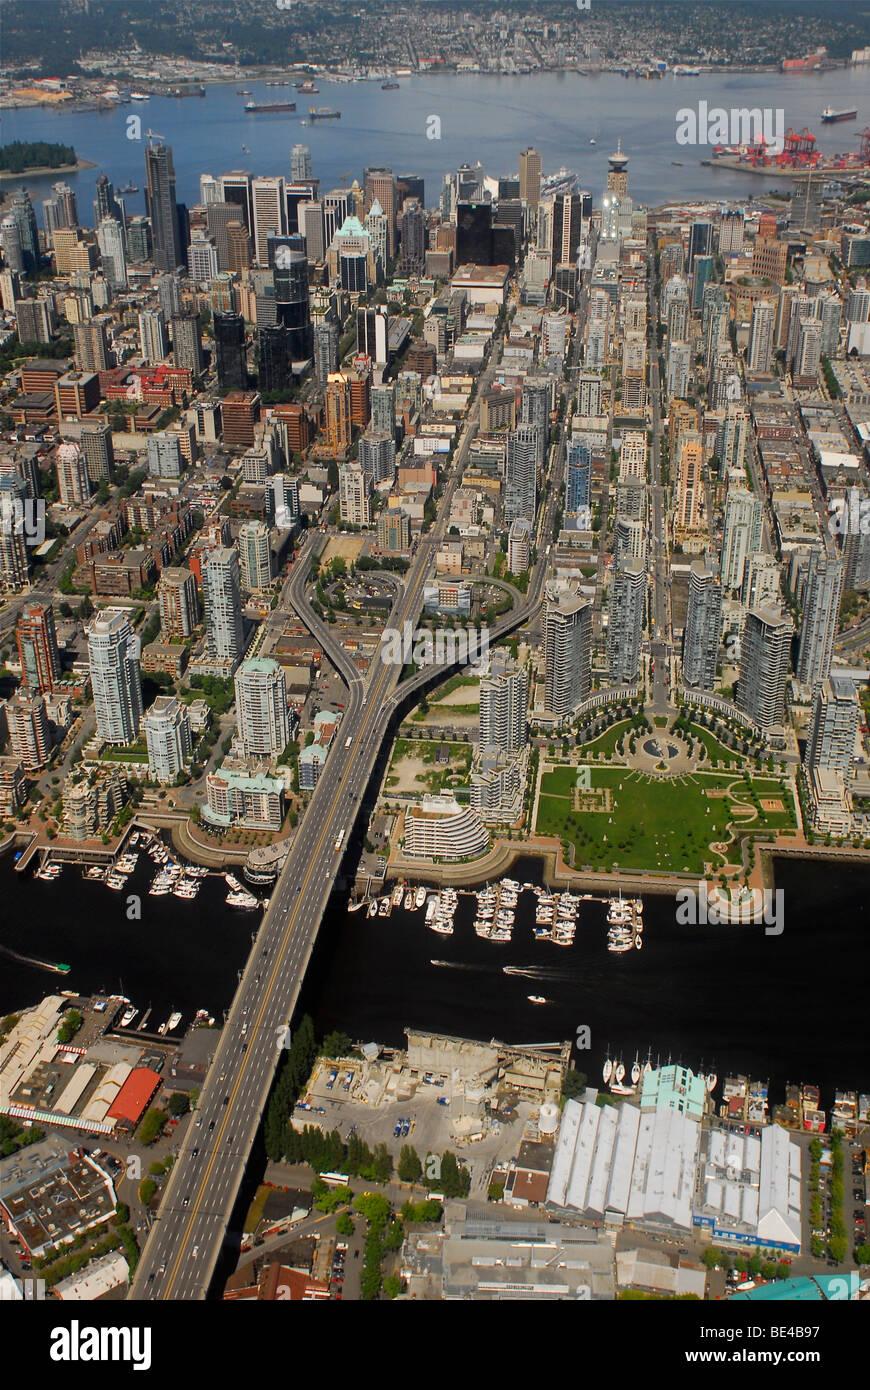 Imagen aérea de Vancouver, British Columbia, Canadá Imagen De Stock